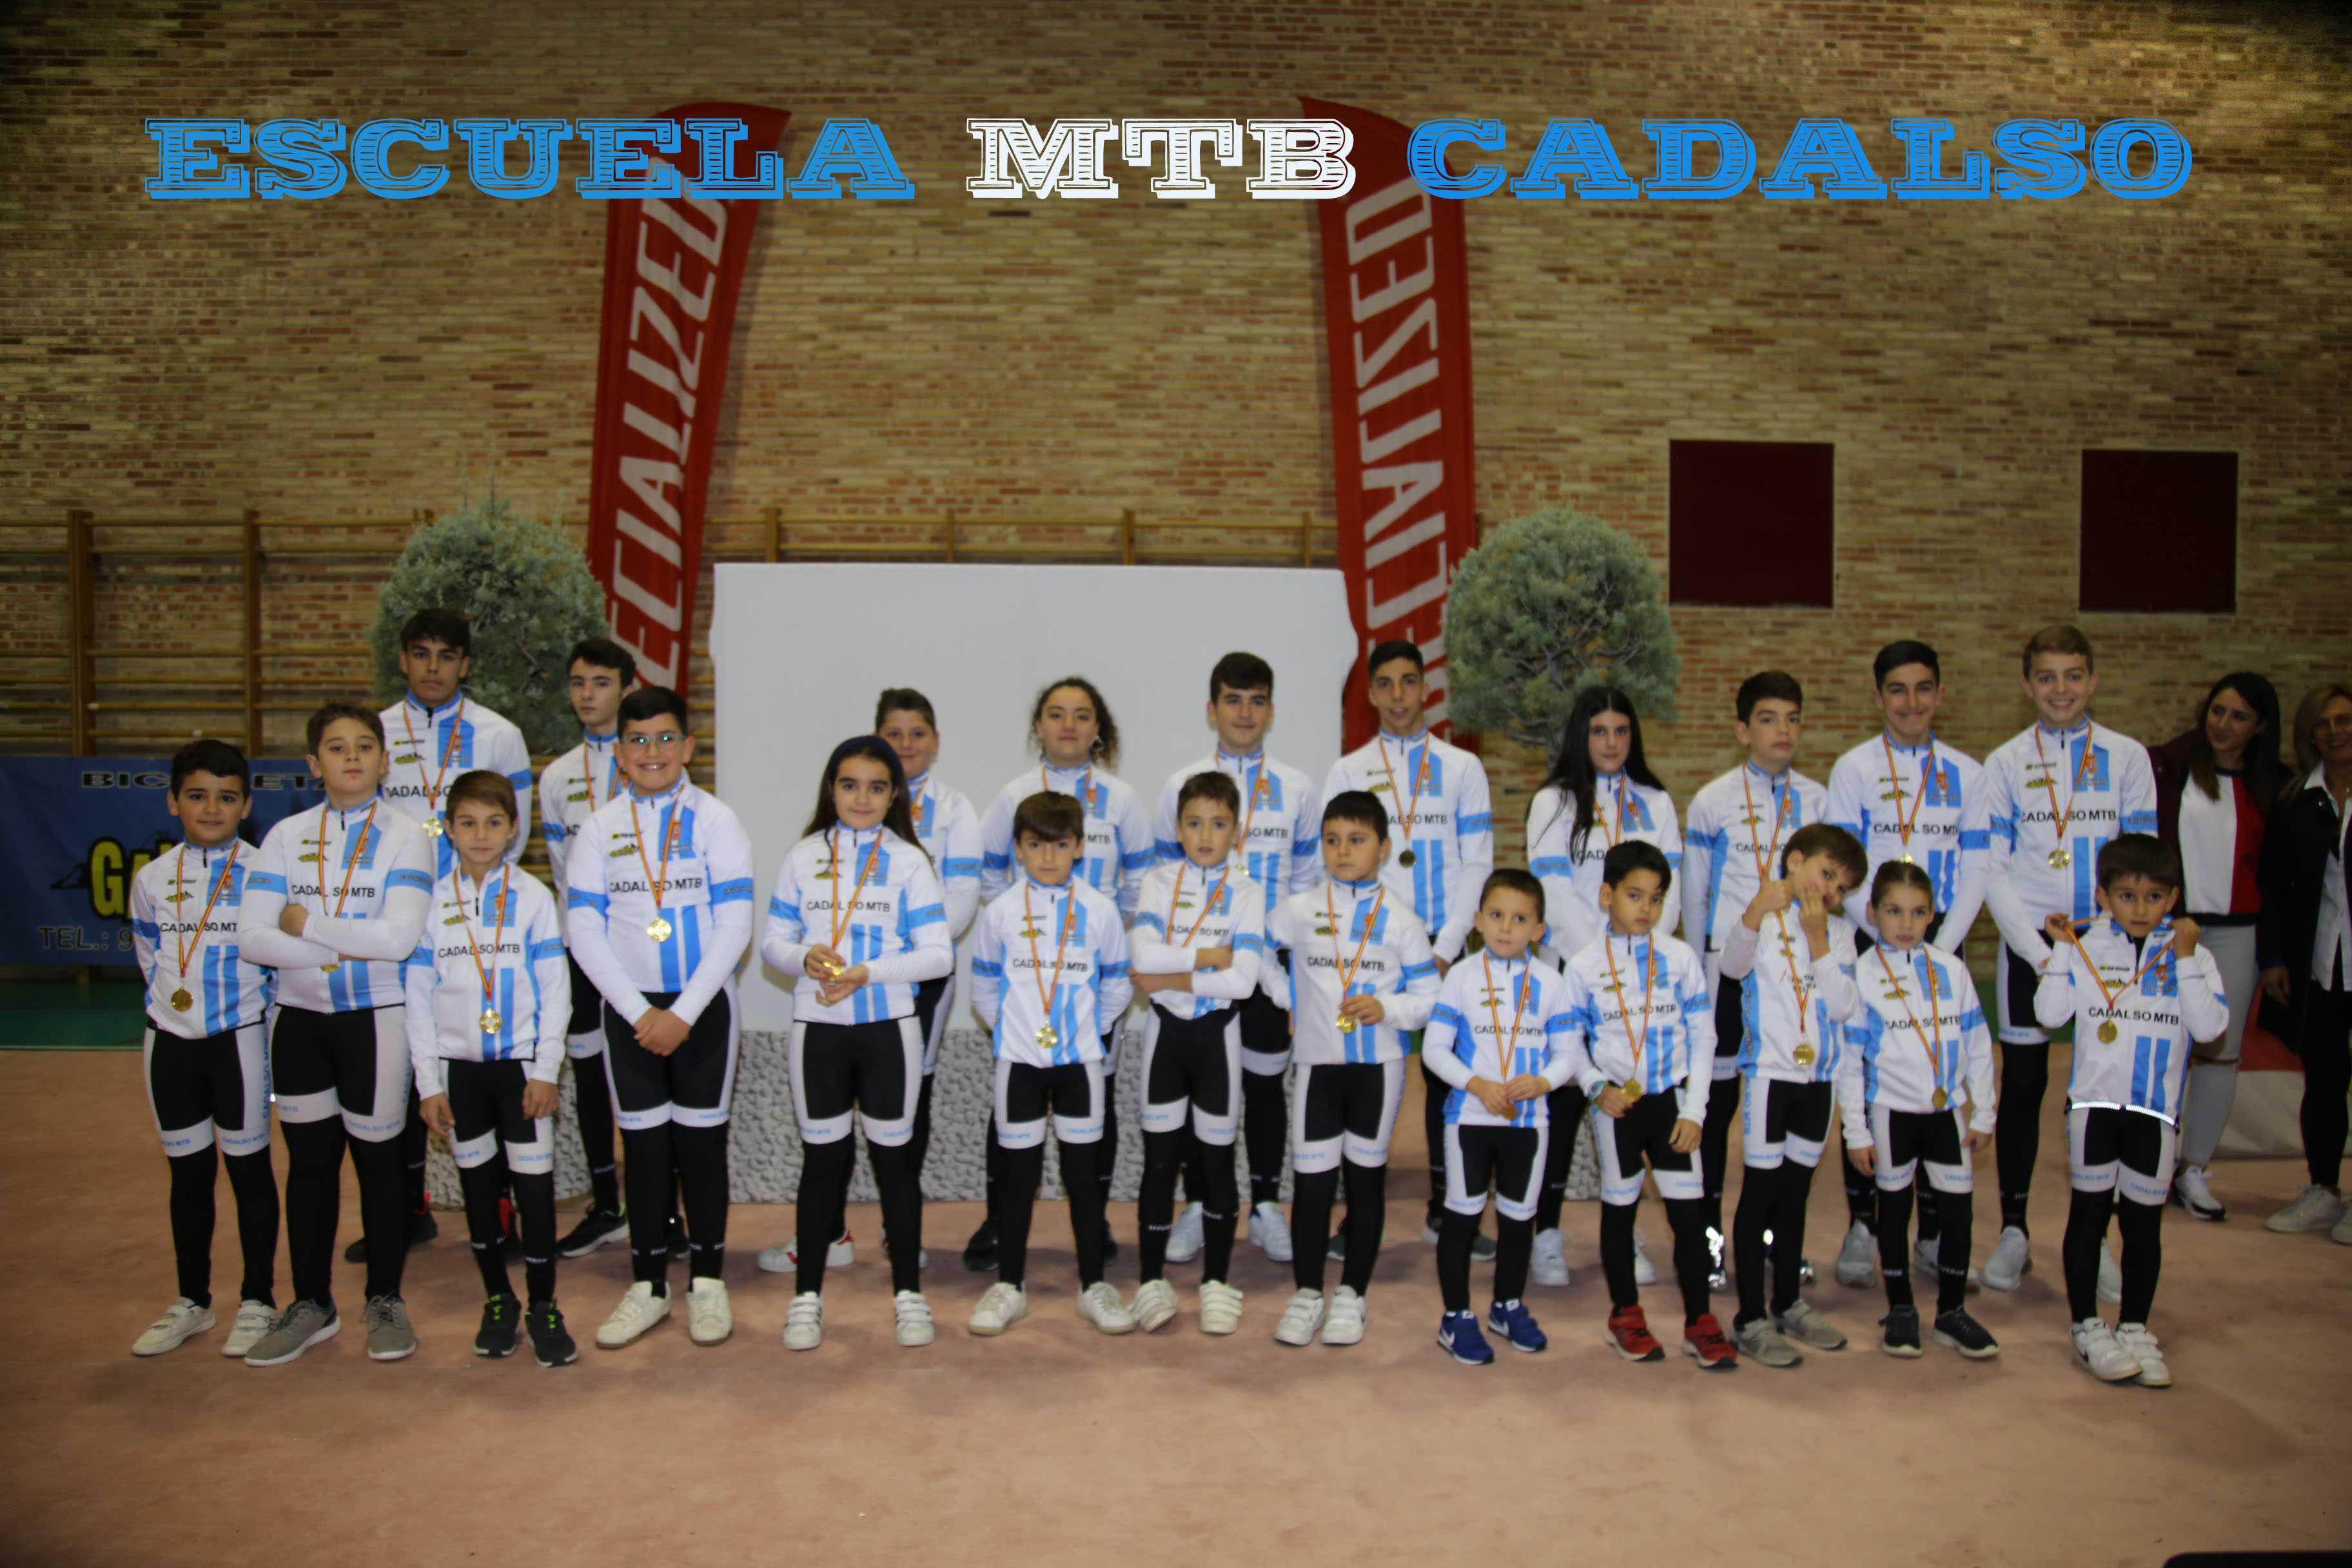 CLUBES MADRILEÑOS CON SOLERA. Conoce al Cadalso MTB Club